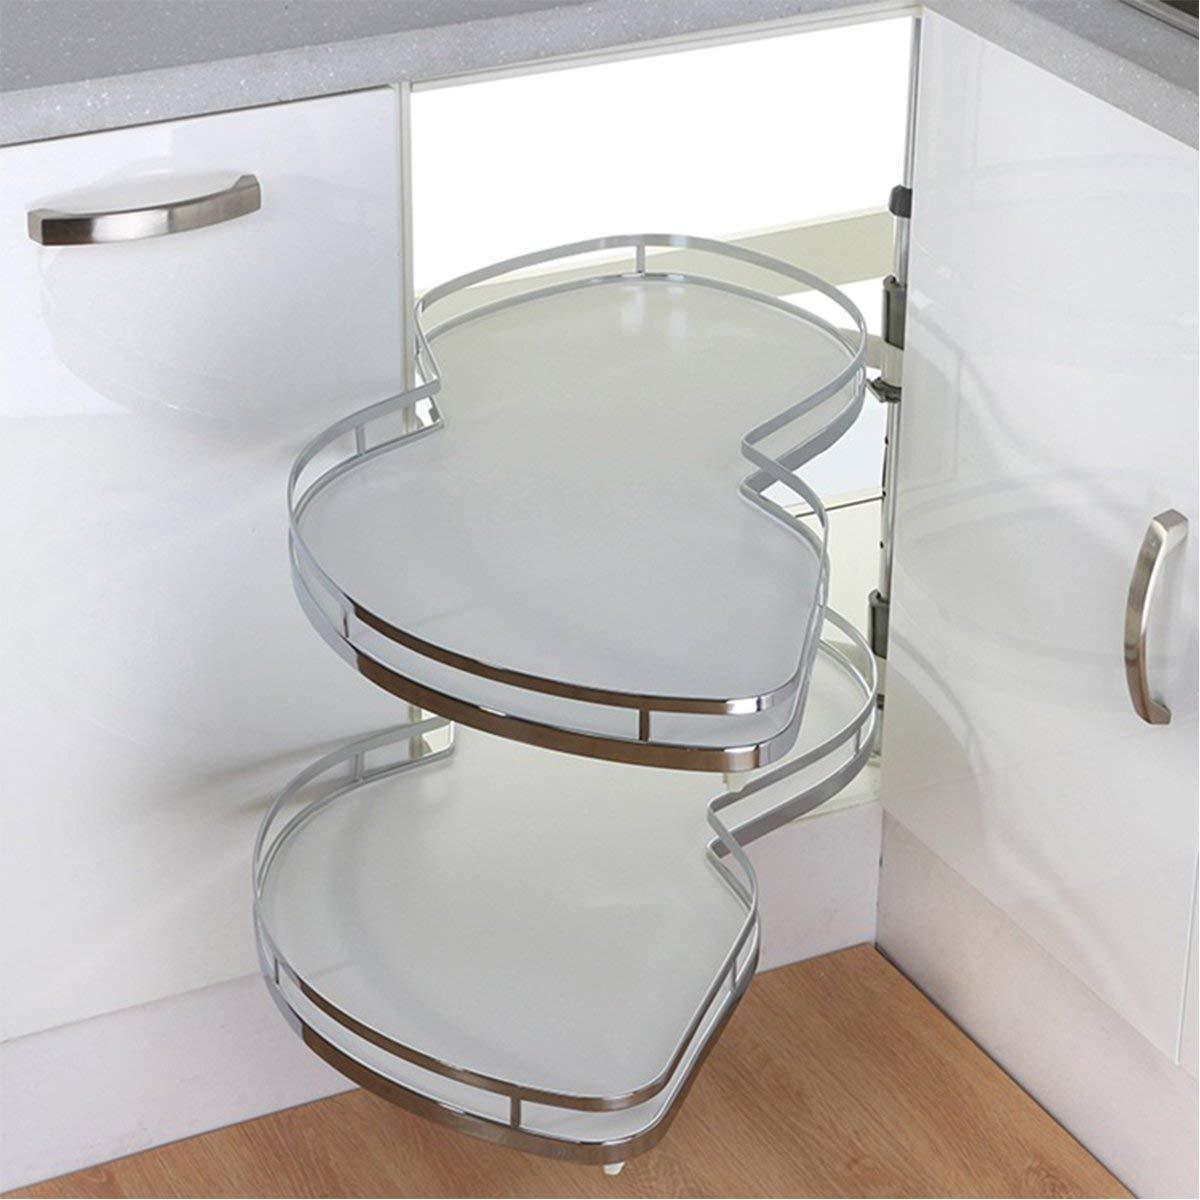 Full Size of Küchenkarussell Amazonde Multifunktions Kchen Karussell Speicher Einheits Wohnzimmer Küchenkarussell